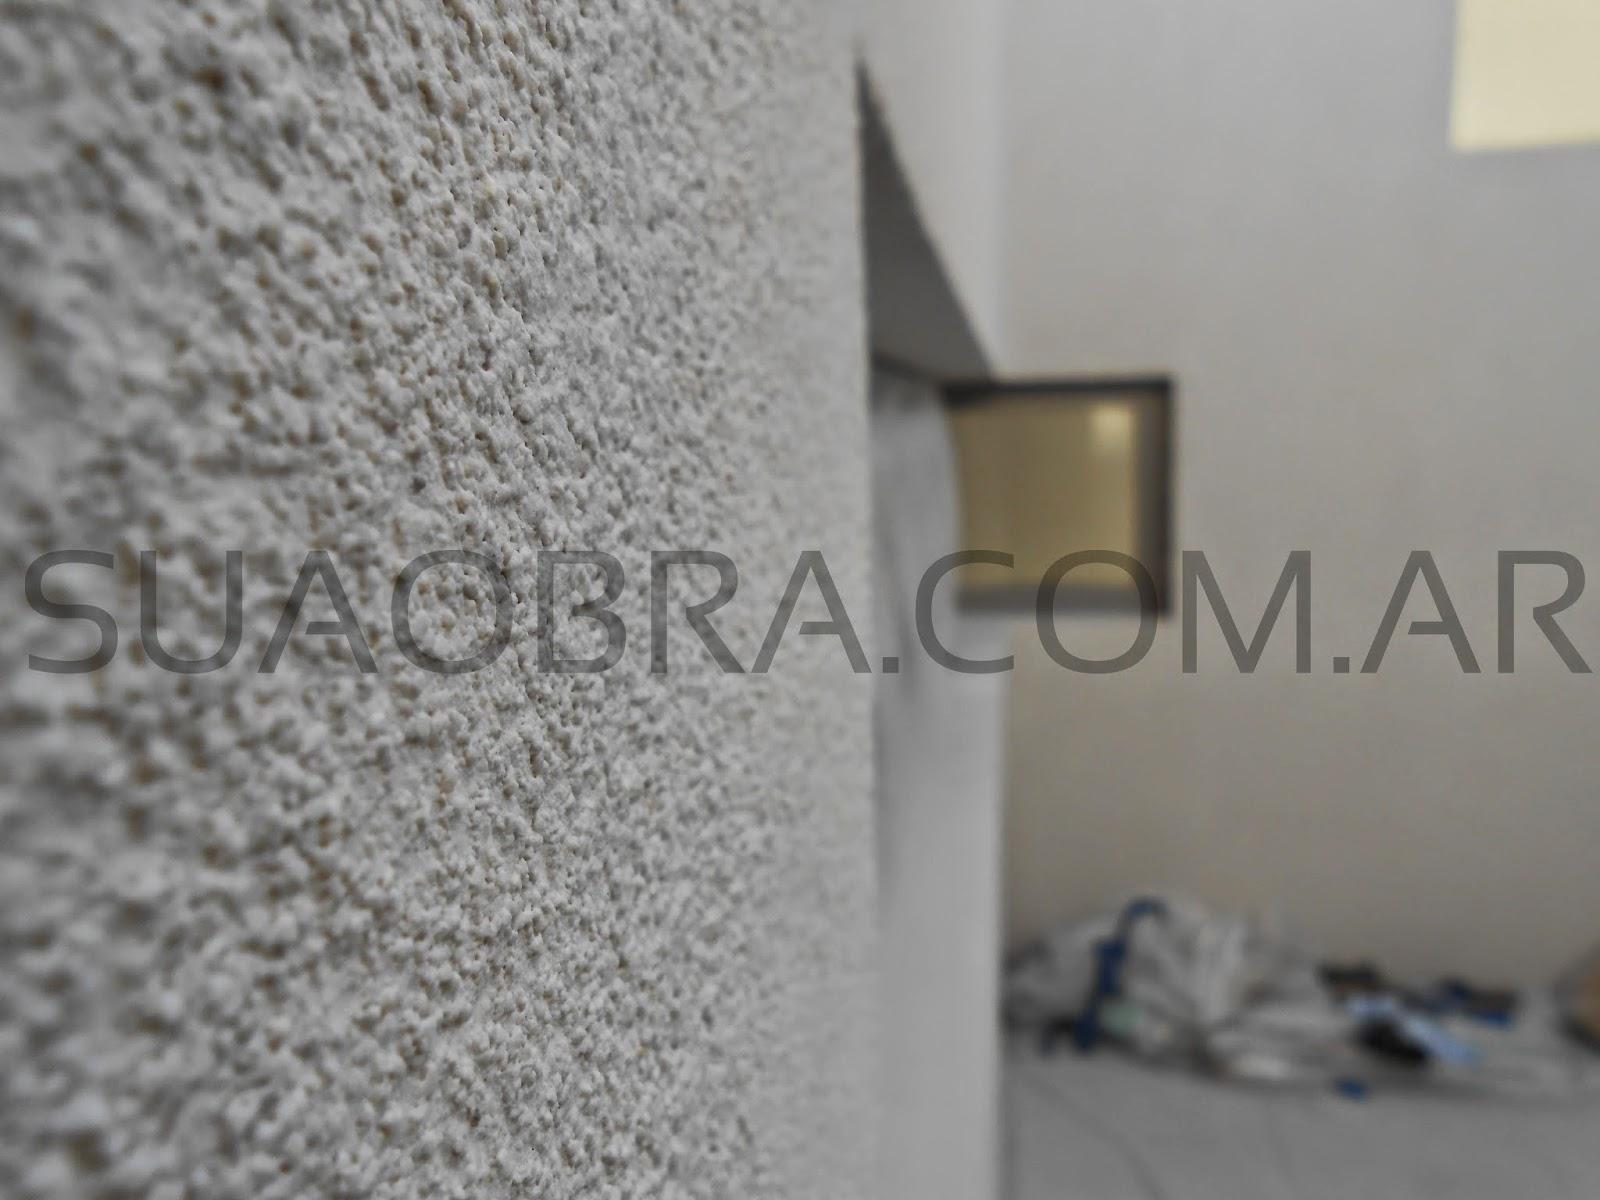 Revestimientos plasticos por suaobra com revestimiento for Colores beige para paredes exteriores